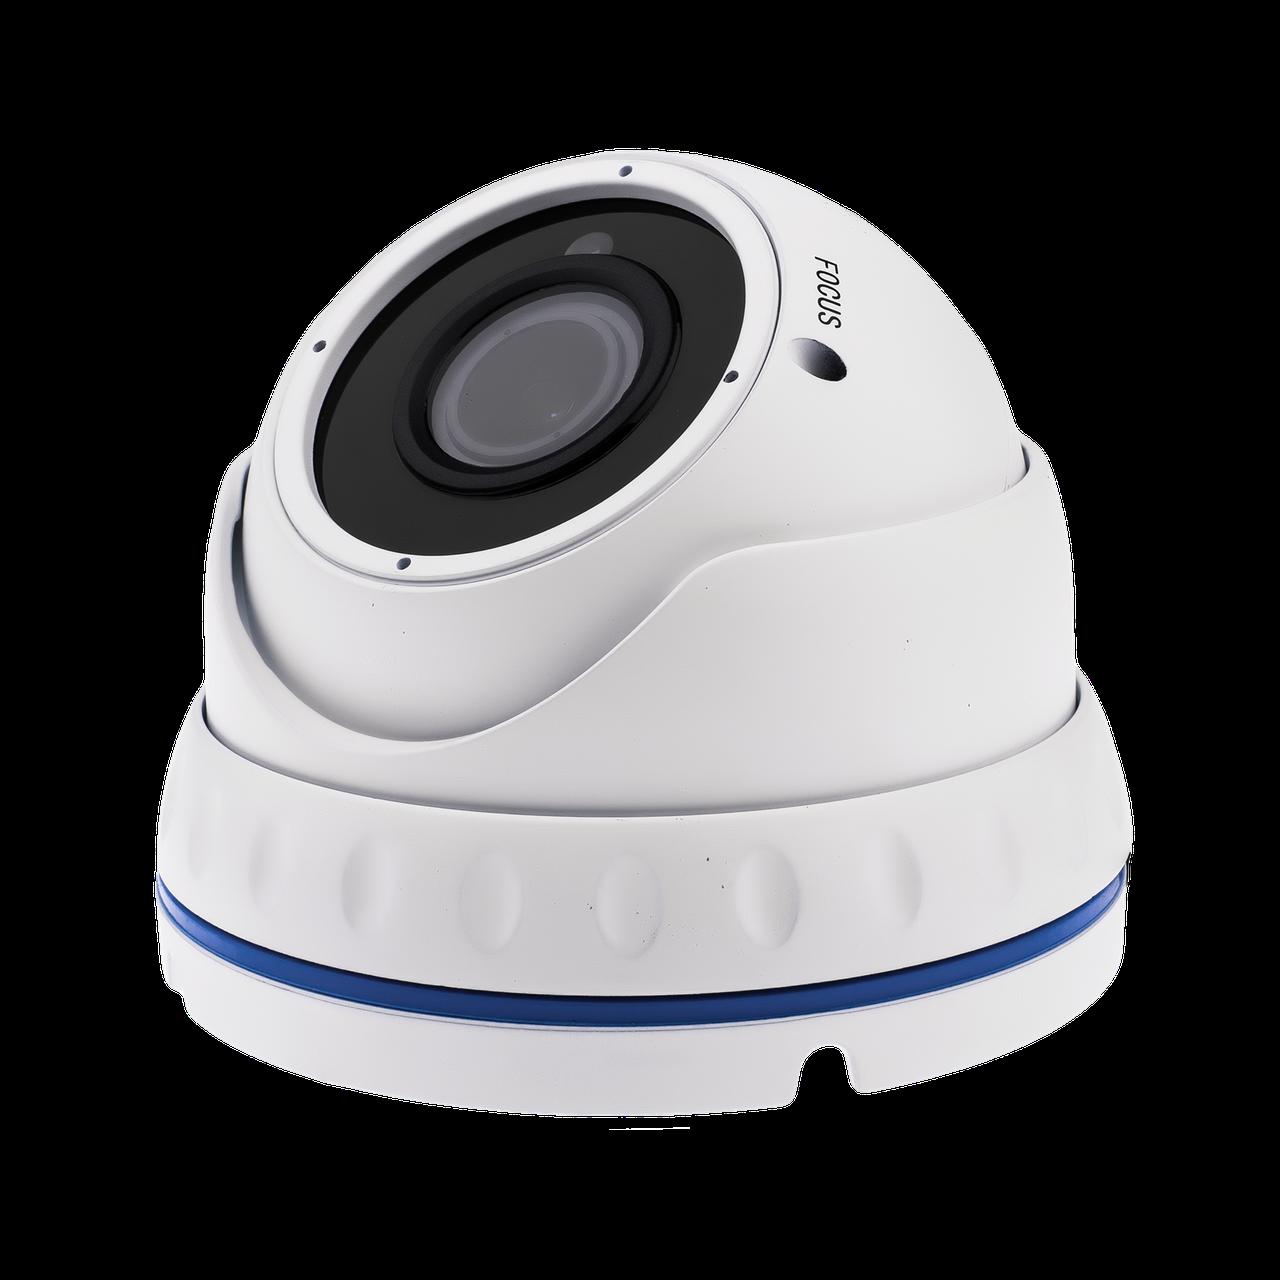 Гибридная Антивандальная камера для внутренней и наружной установки GreenVision GV-067-GHD-G-DOS20V-30 1080p